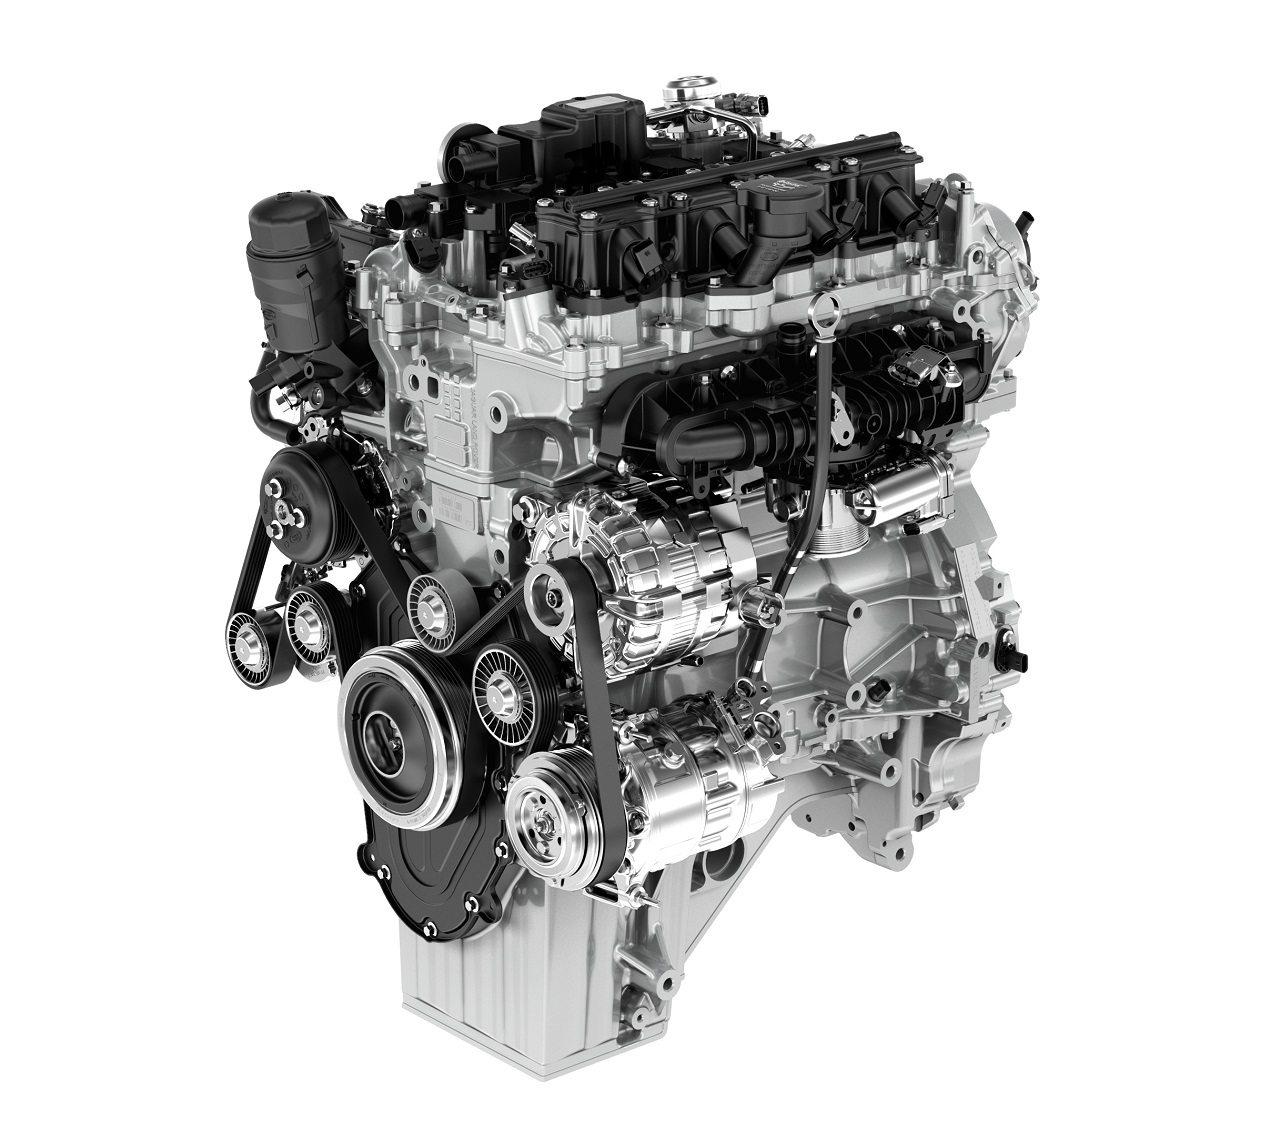 jaguar-land-rover-ingeniumpetrolengine2